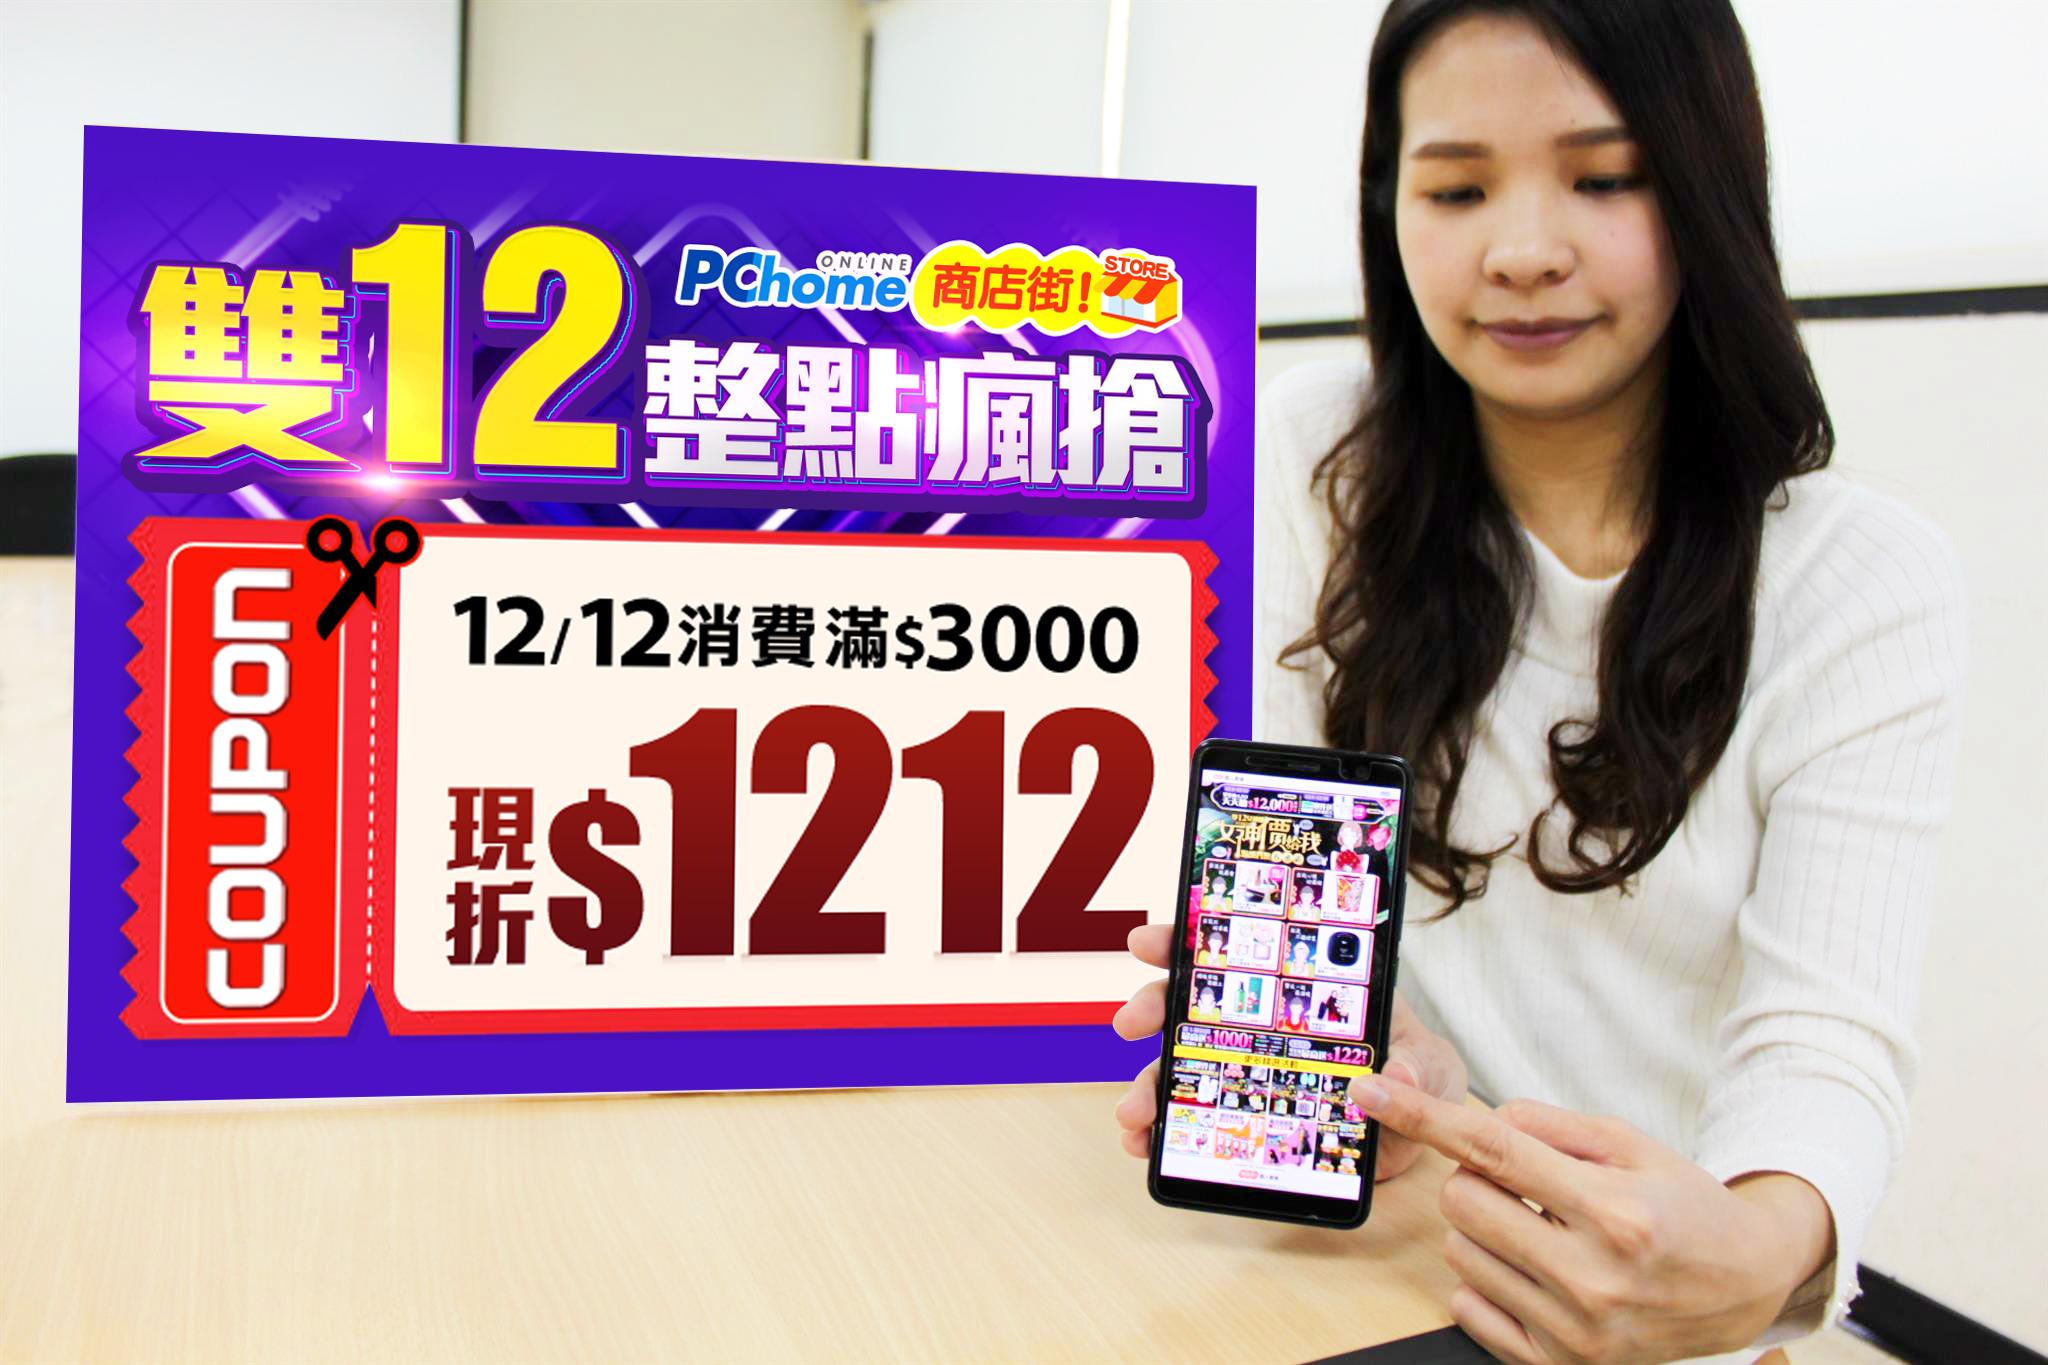 商店街拼雙12 !個人賣場免運費 免收成交手續費 雙免最划算